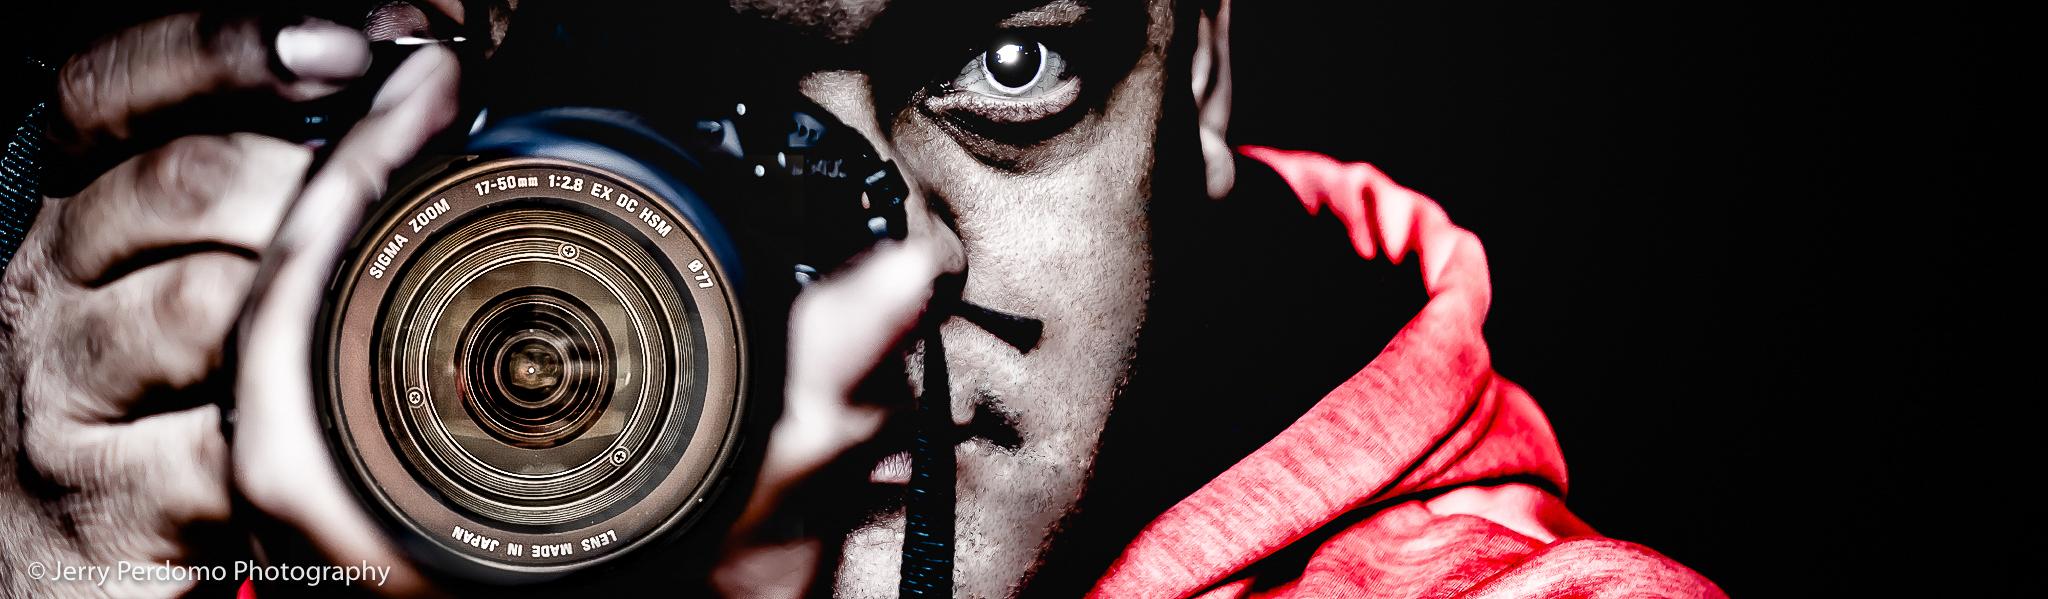 Eye_lens Edit.jpg